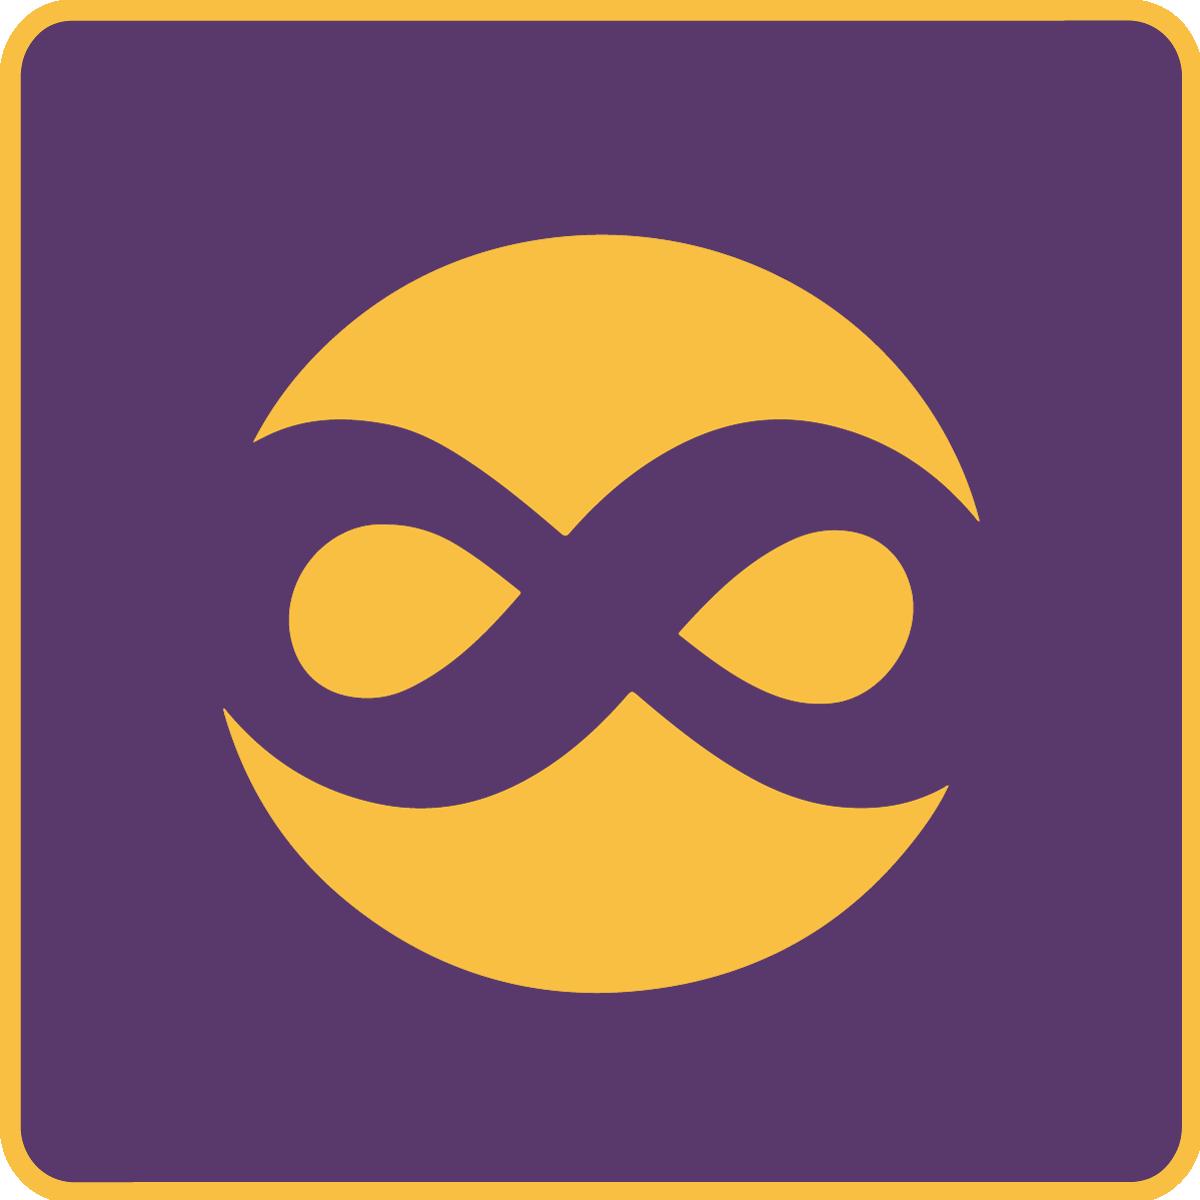 myanmar-organization